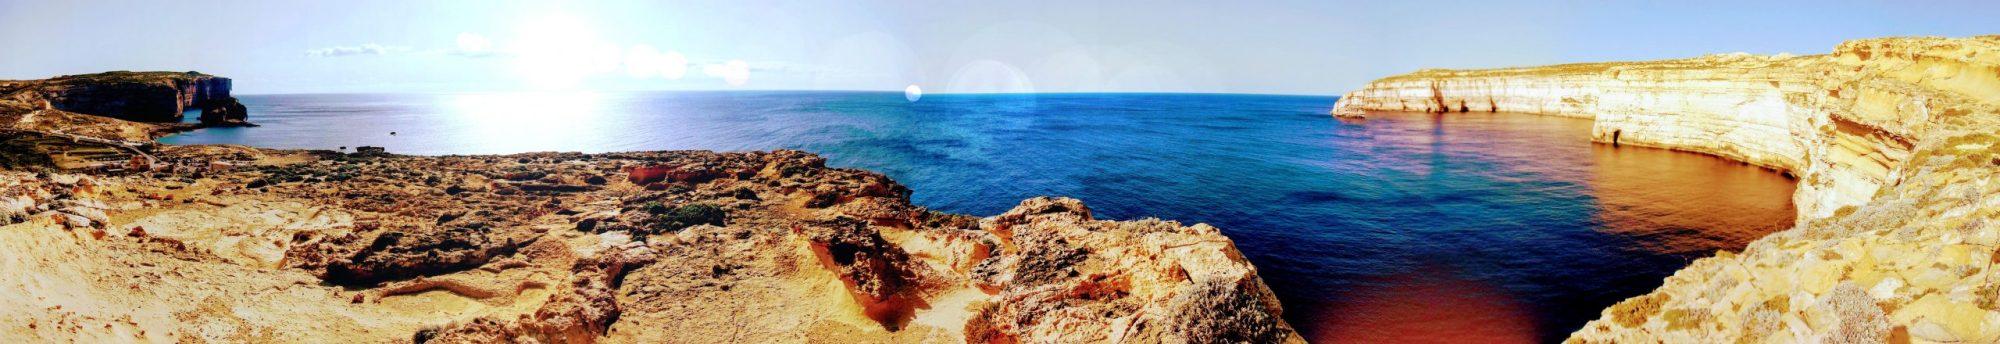 Gozon rantoja - Wied il-Għasri - Dwejra Bay